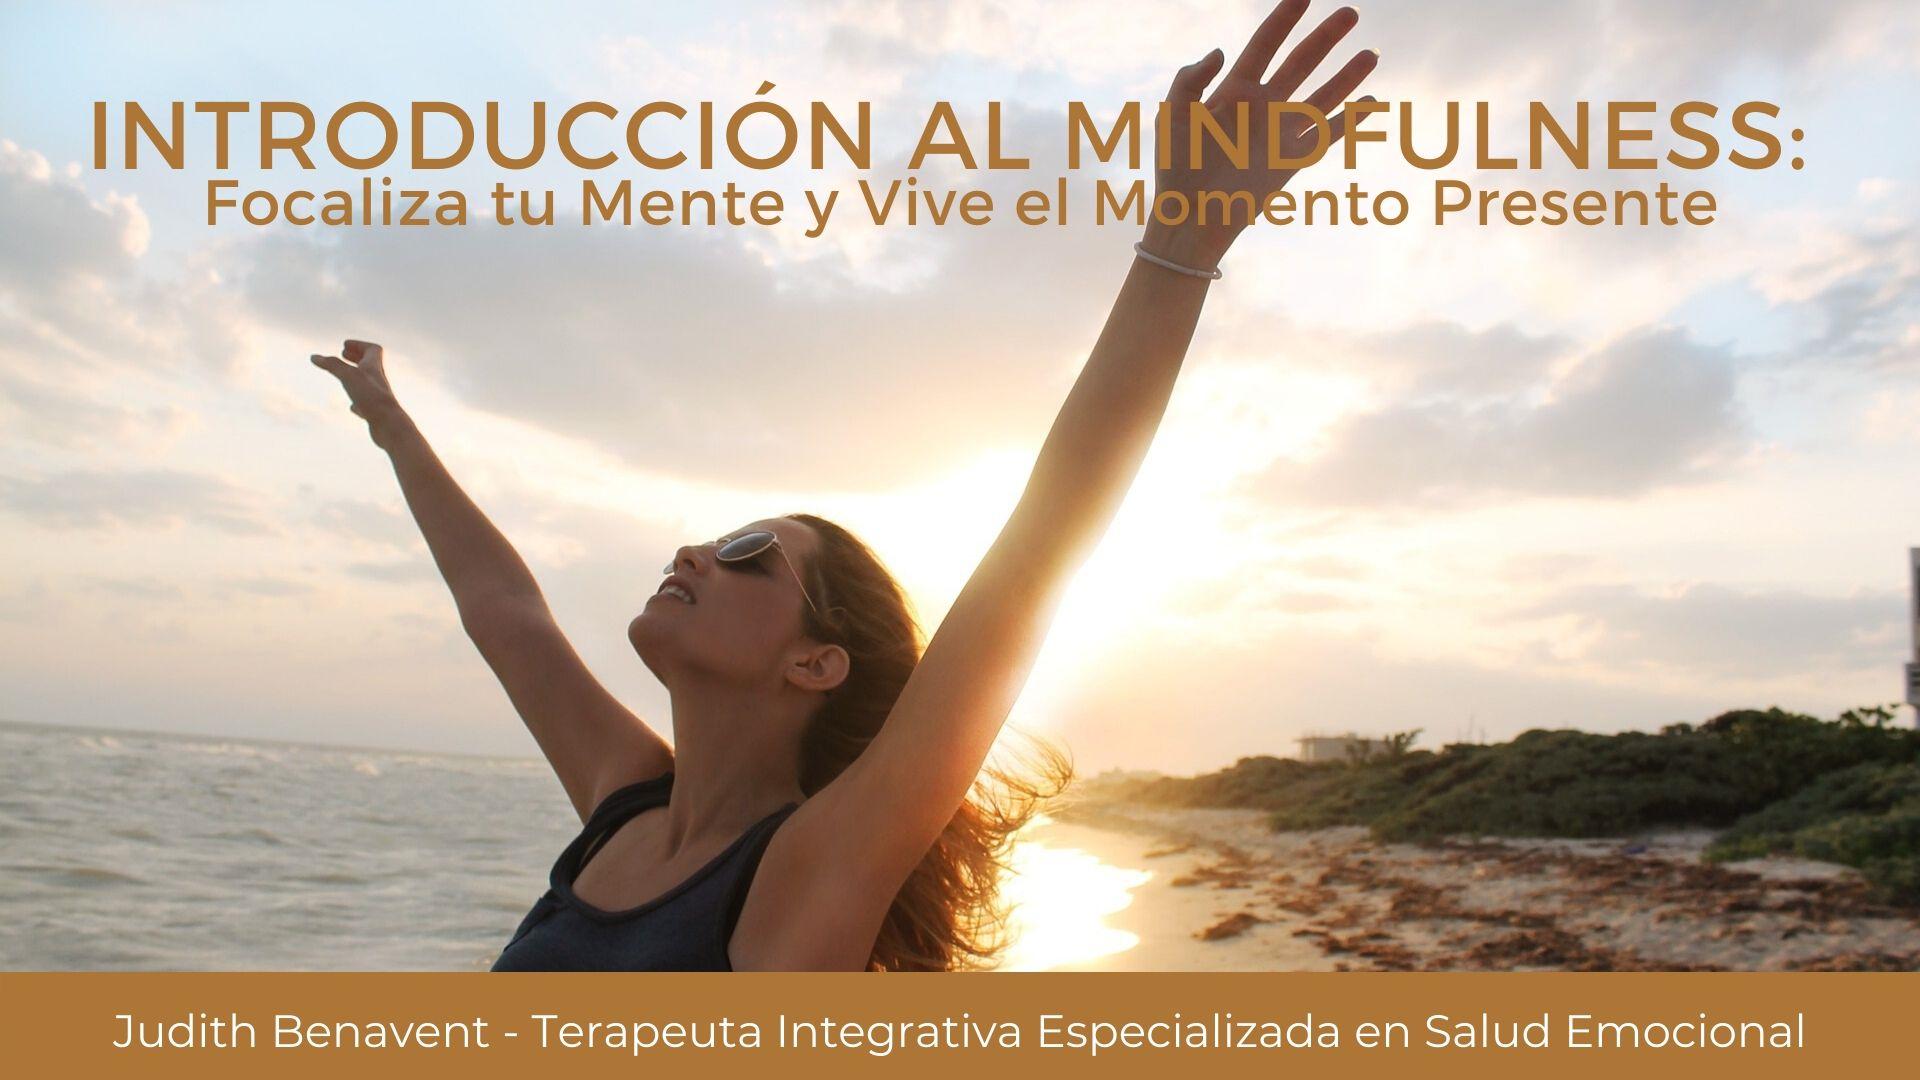 Introducción al Mindfulness: Focaliza tu mente y vive el momento presente